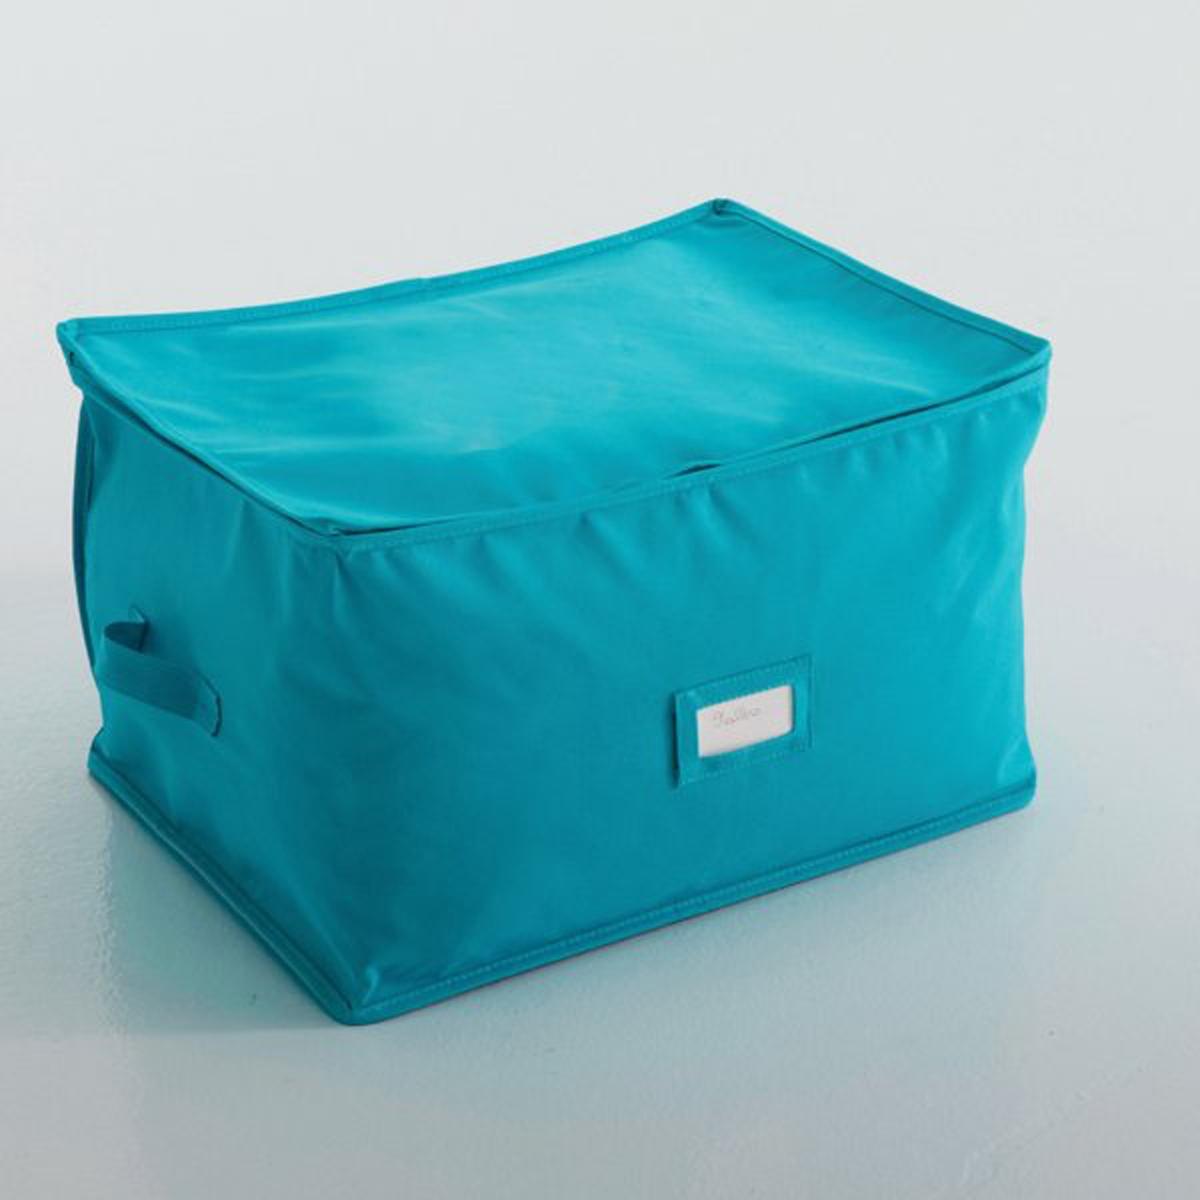 Чехол для хранения, Ш.47 x В.37 x Г.30 смЧехол для хранения. Идеален для хранения одеял, покрывал и подушек. Легко убирается под кровать или под шкаф. Характеристики чехла для хранения:полиэстер 290 г/м?.Ручки для переноски и место для бирки. Размеры чехла для хранения: Ш.47 x В.37 x Г.30 см.<br><br>Цвет: бирюзовый,розовый,серо-коричневый каштан,серый<br>Размер: единый размер